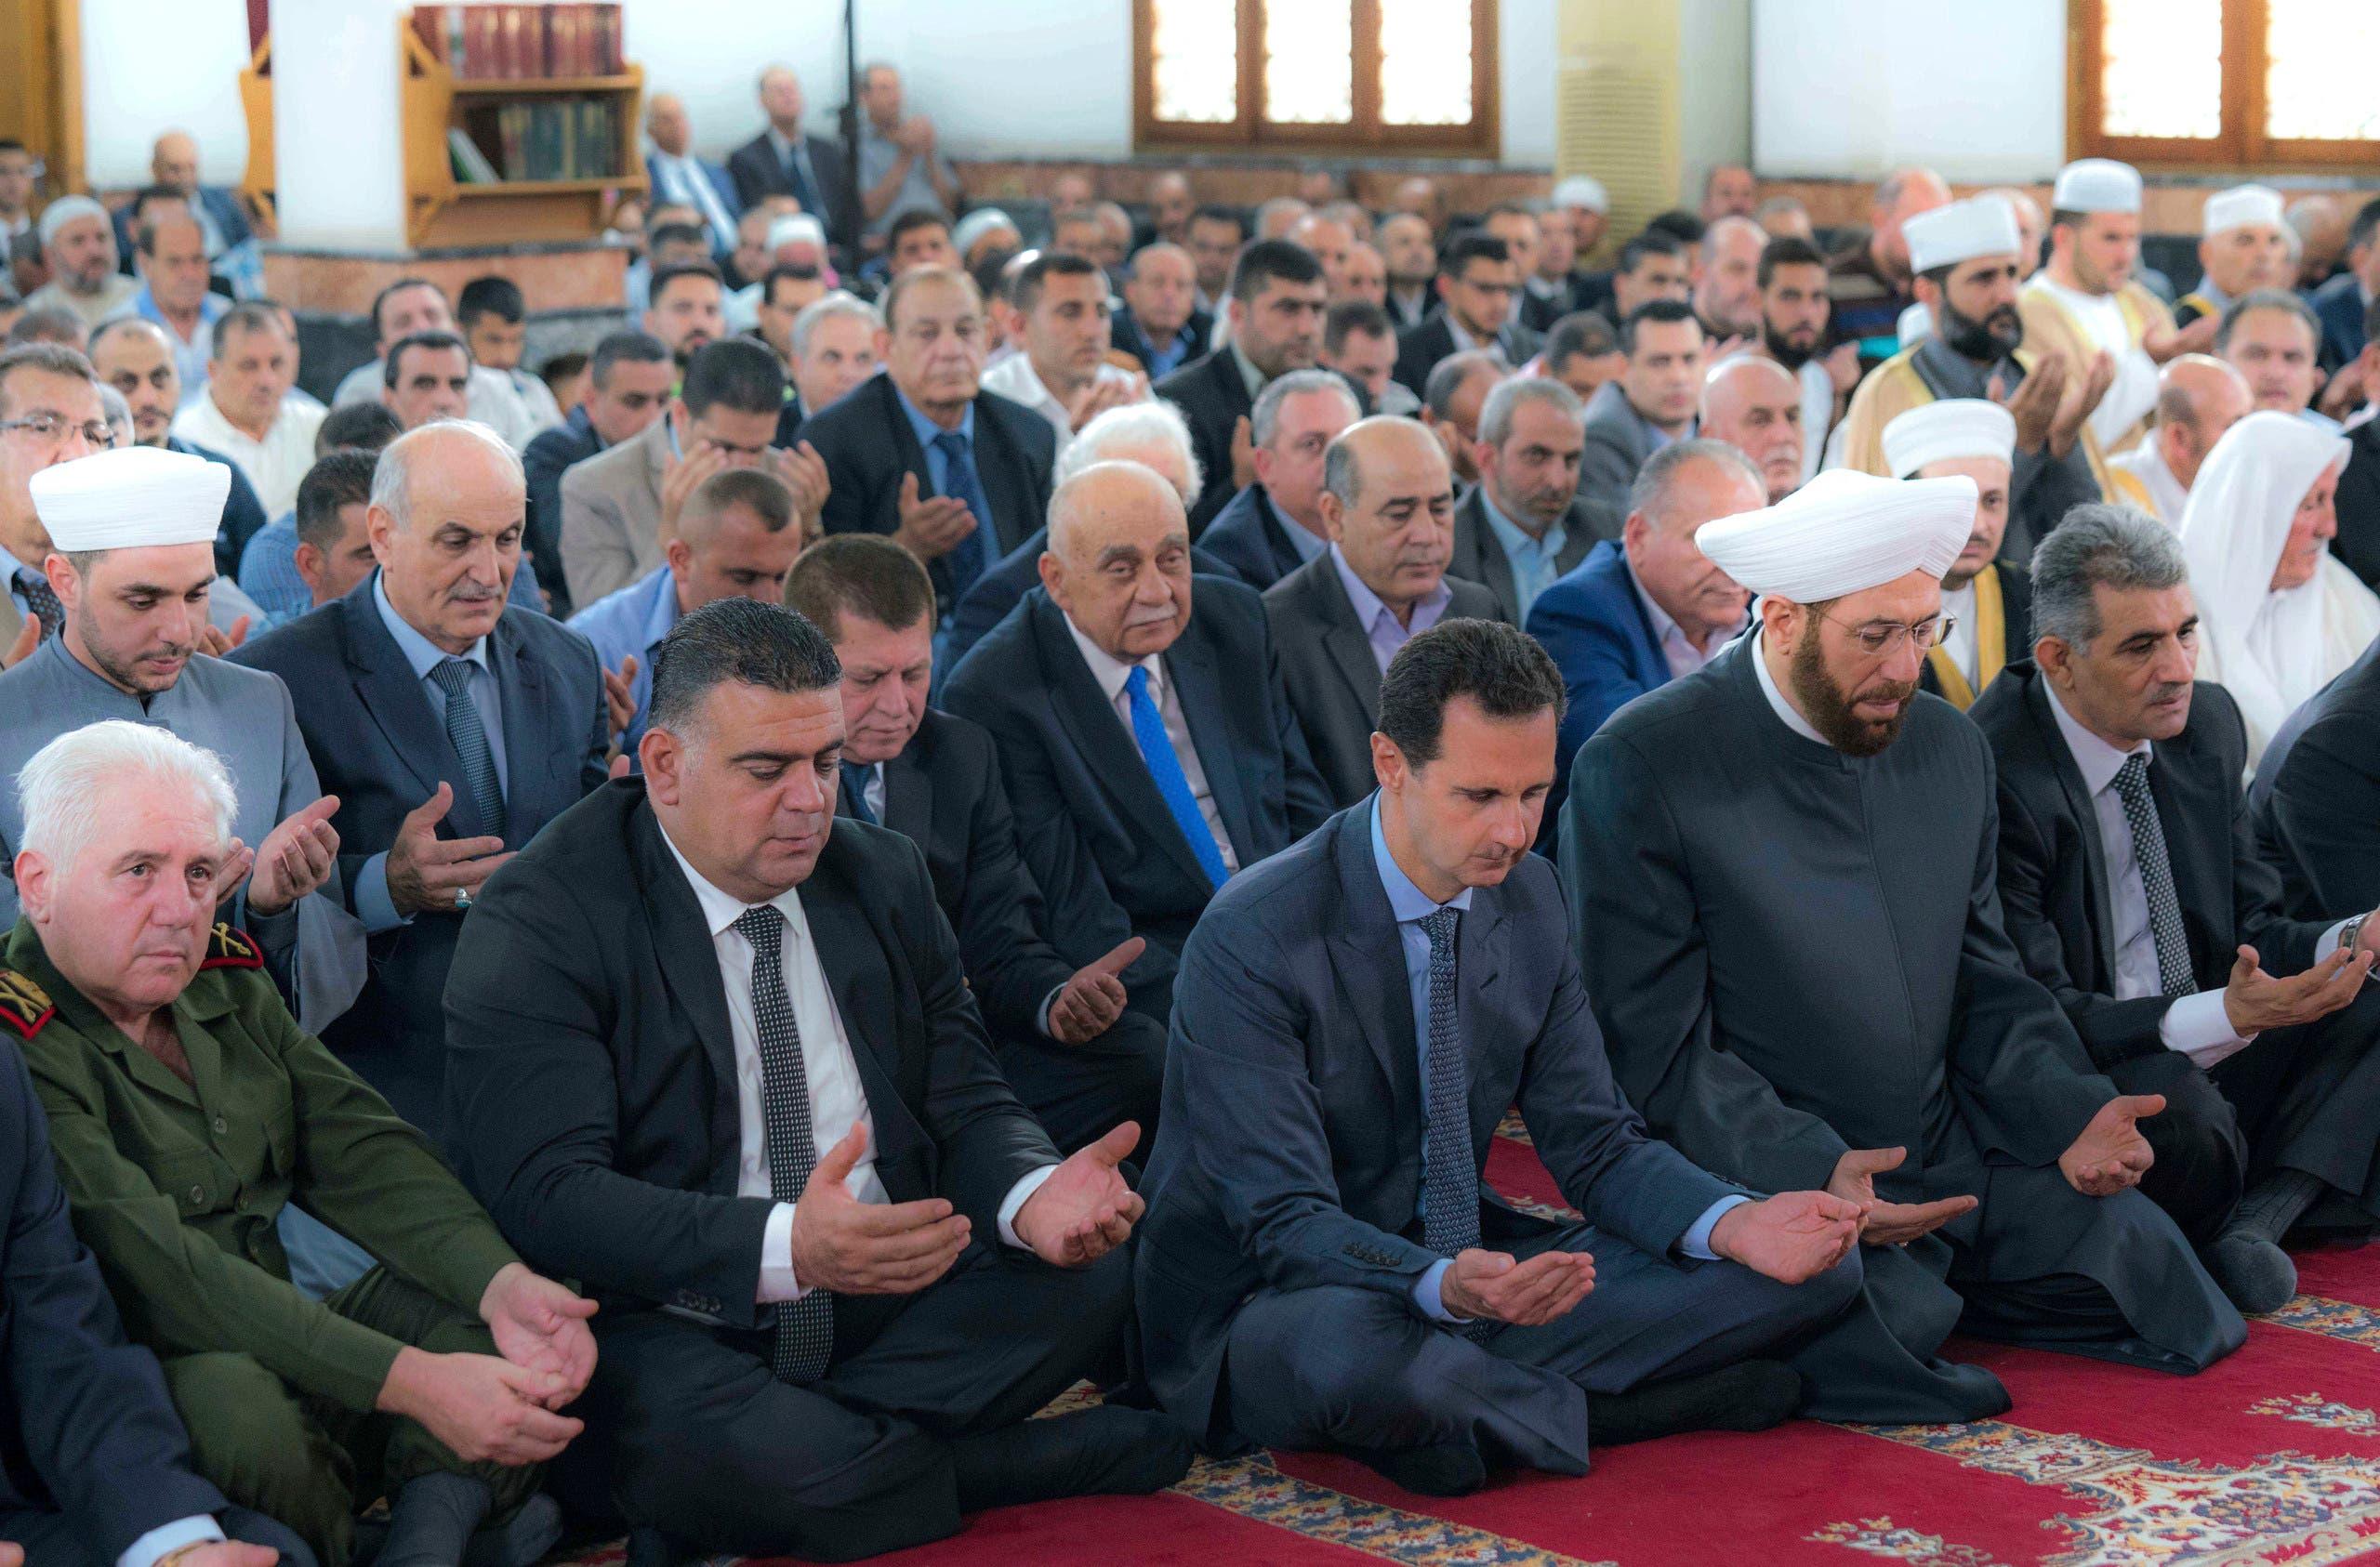 bashar assad rare appearance eid prayers. (AP)